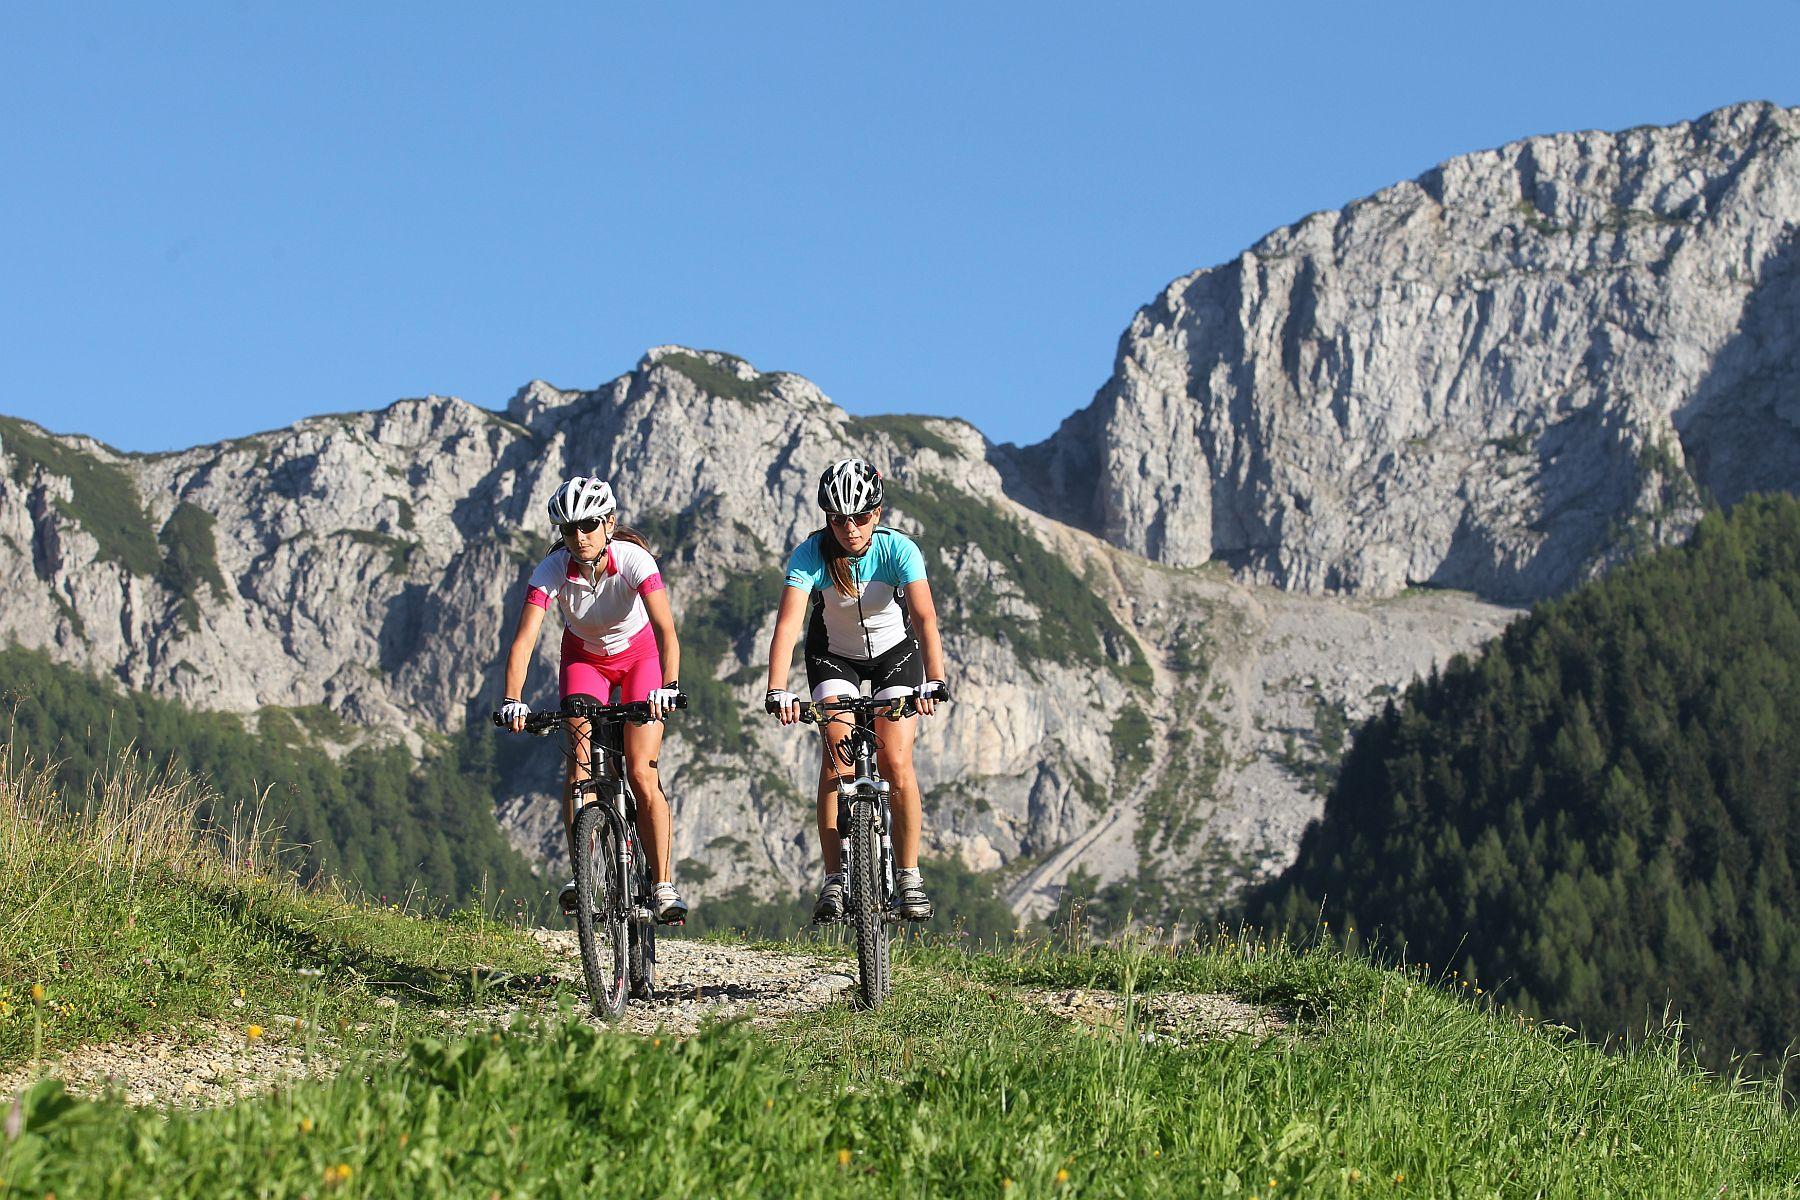 Maastopyöräilijät vuoristomaisemassa.